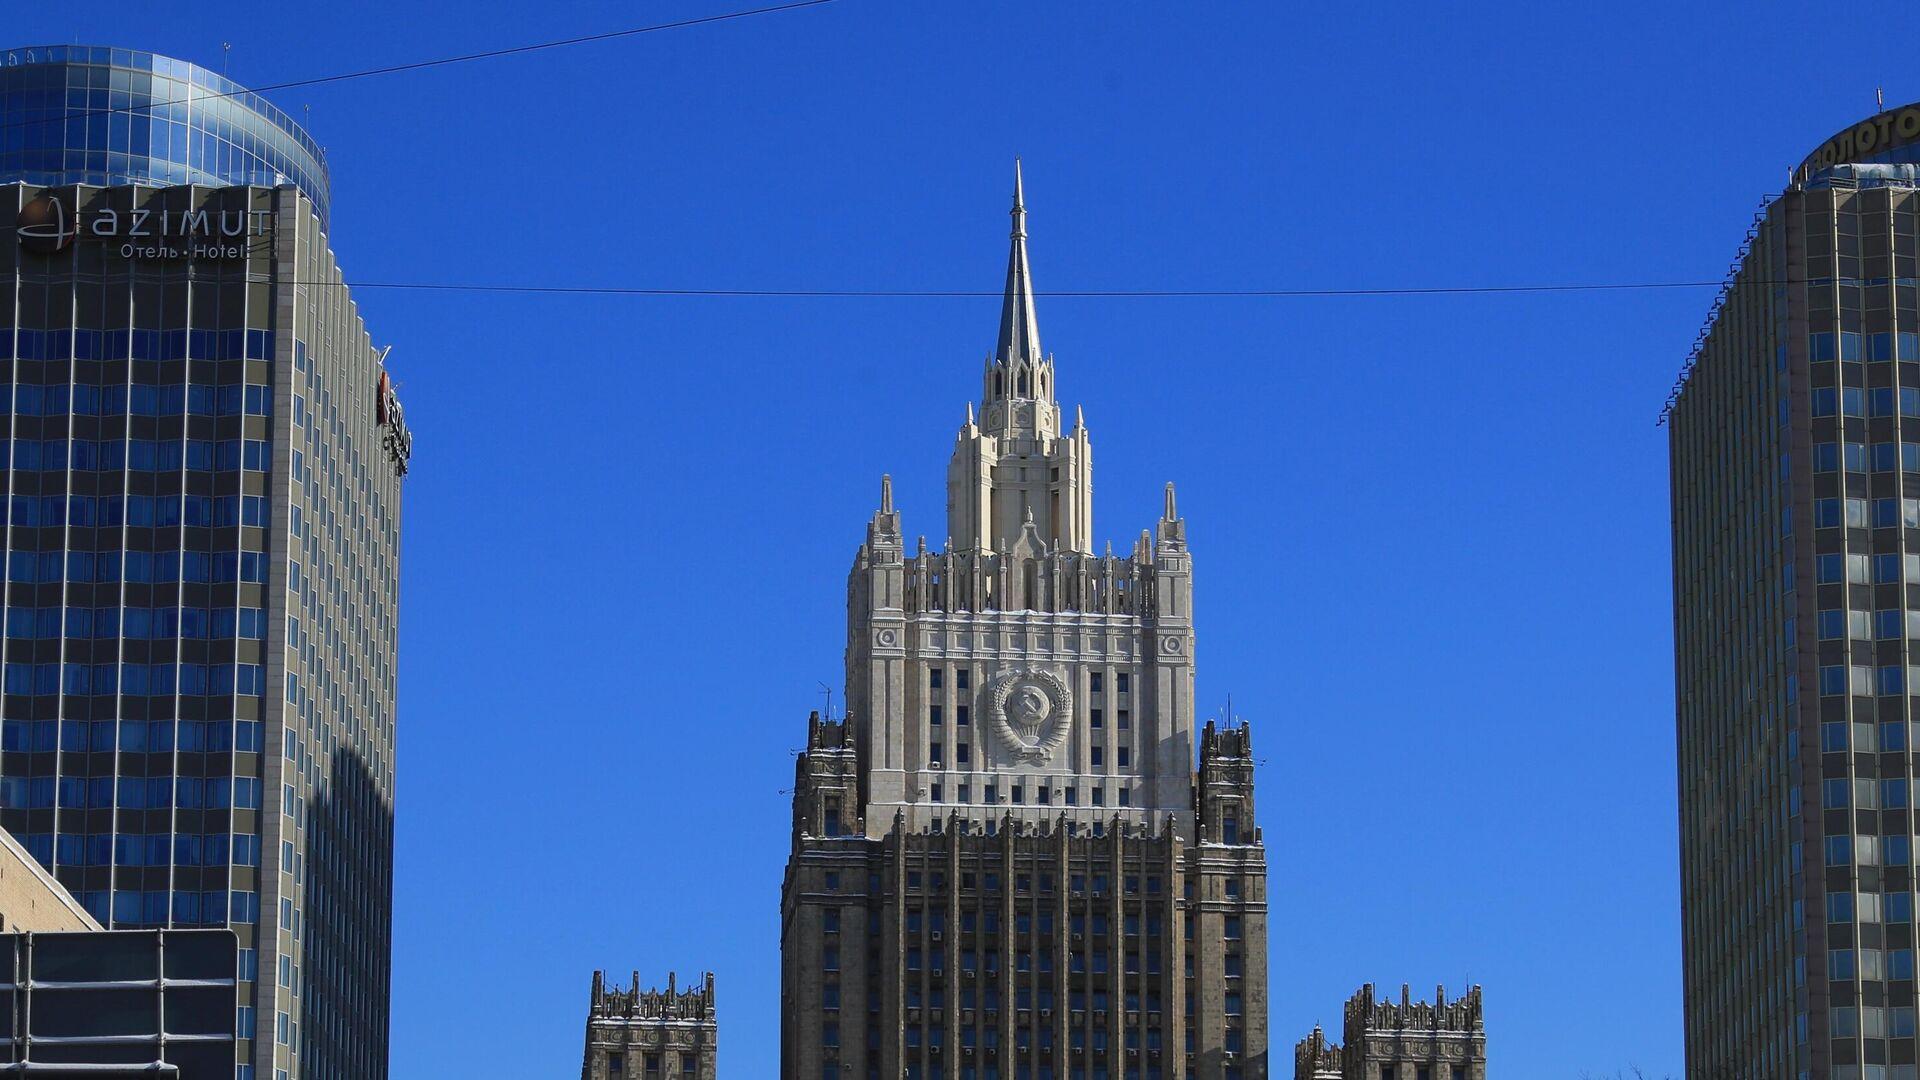 Здание Министерства иностранных дел РФ  - РИА Новости, 1920, 28.05.2021